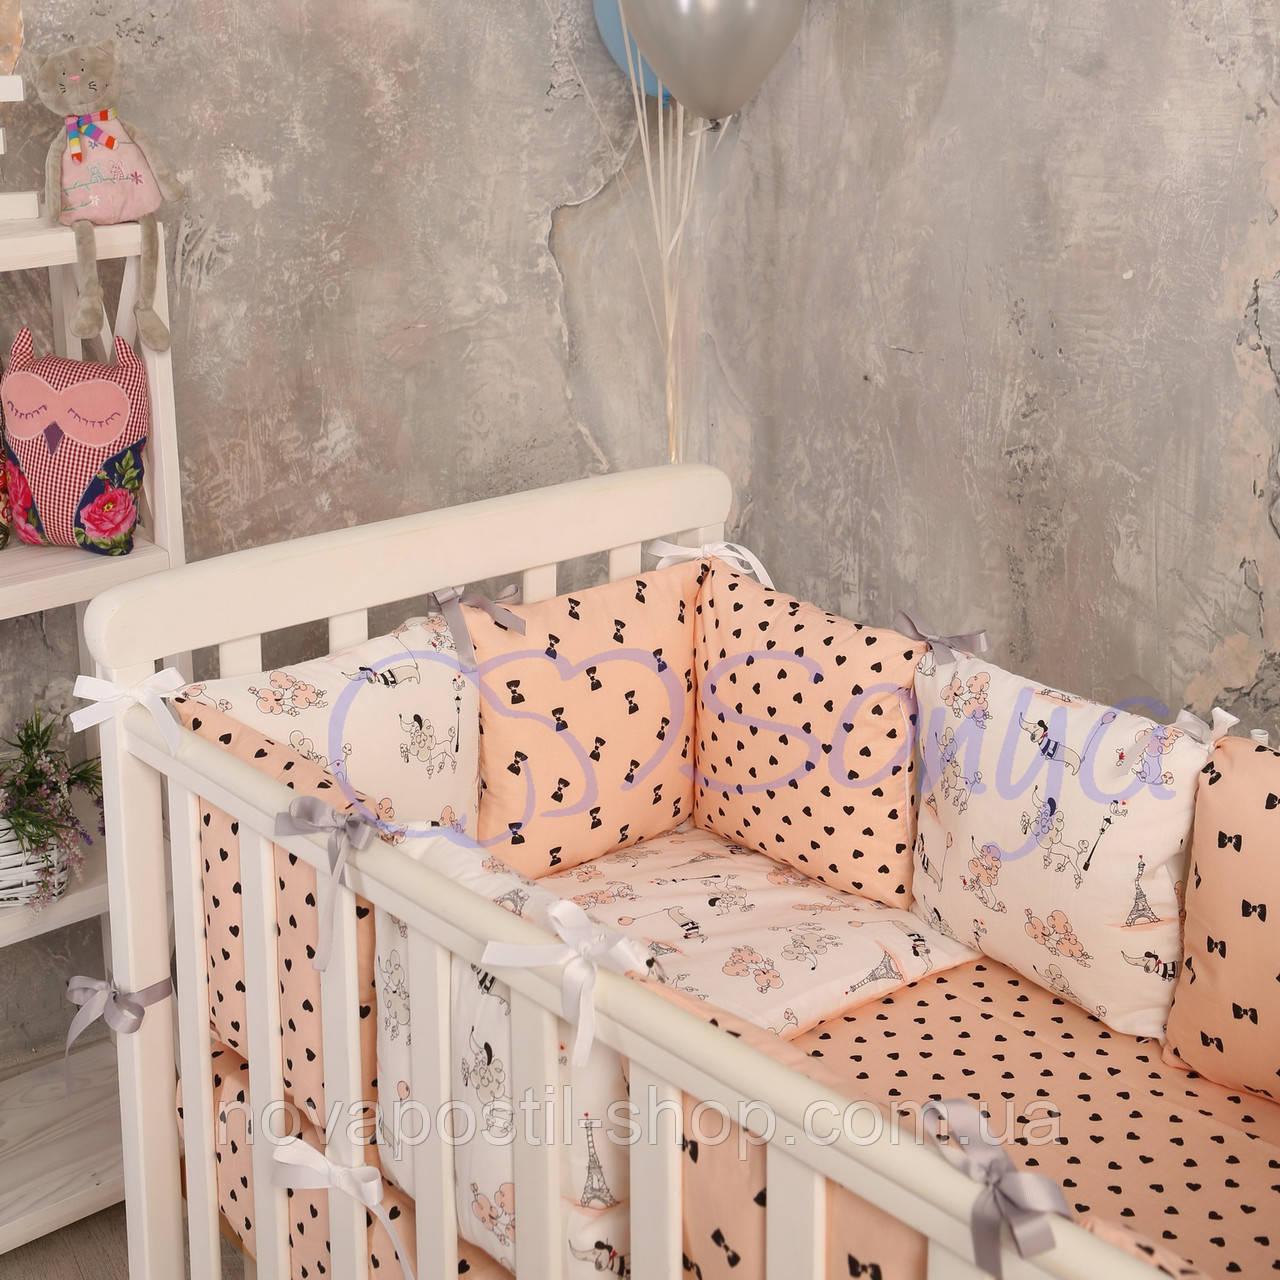 Набор в детскую кроватку Baby Design пуделя (6 предметов)